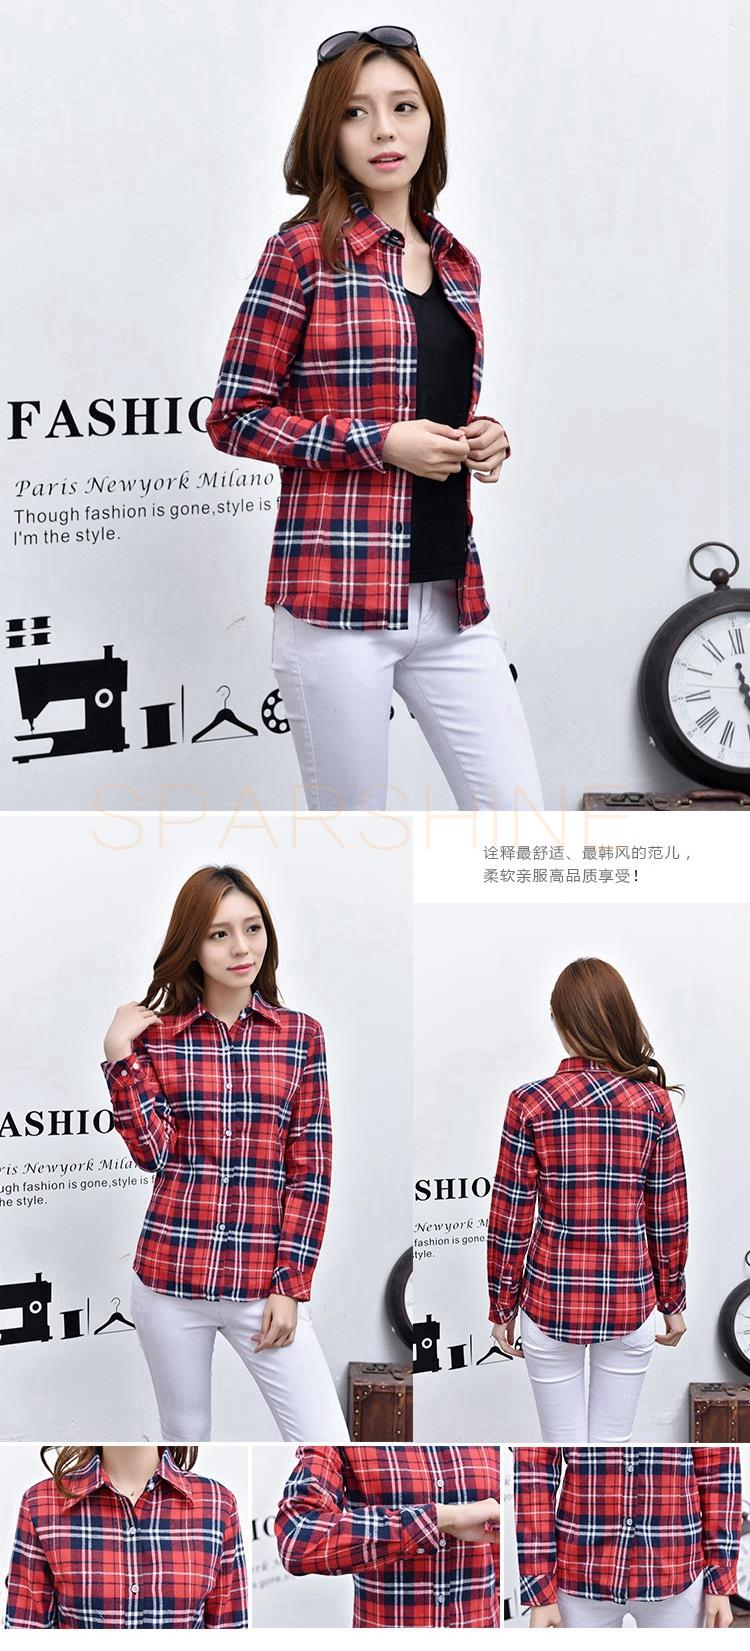 HTB1b1DqLFXXXXc4XpXXq6xXFXXXz - Girl's Plaid Flannel Shirt PTC 67